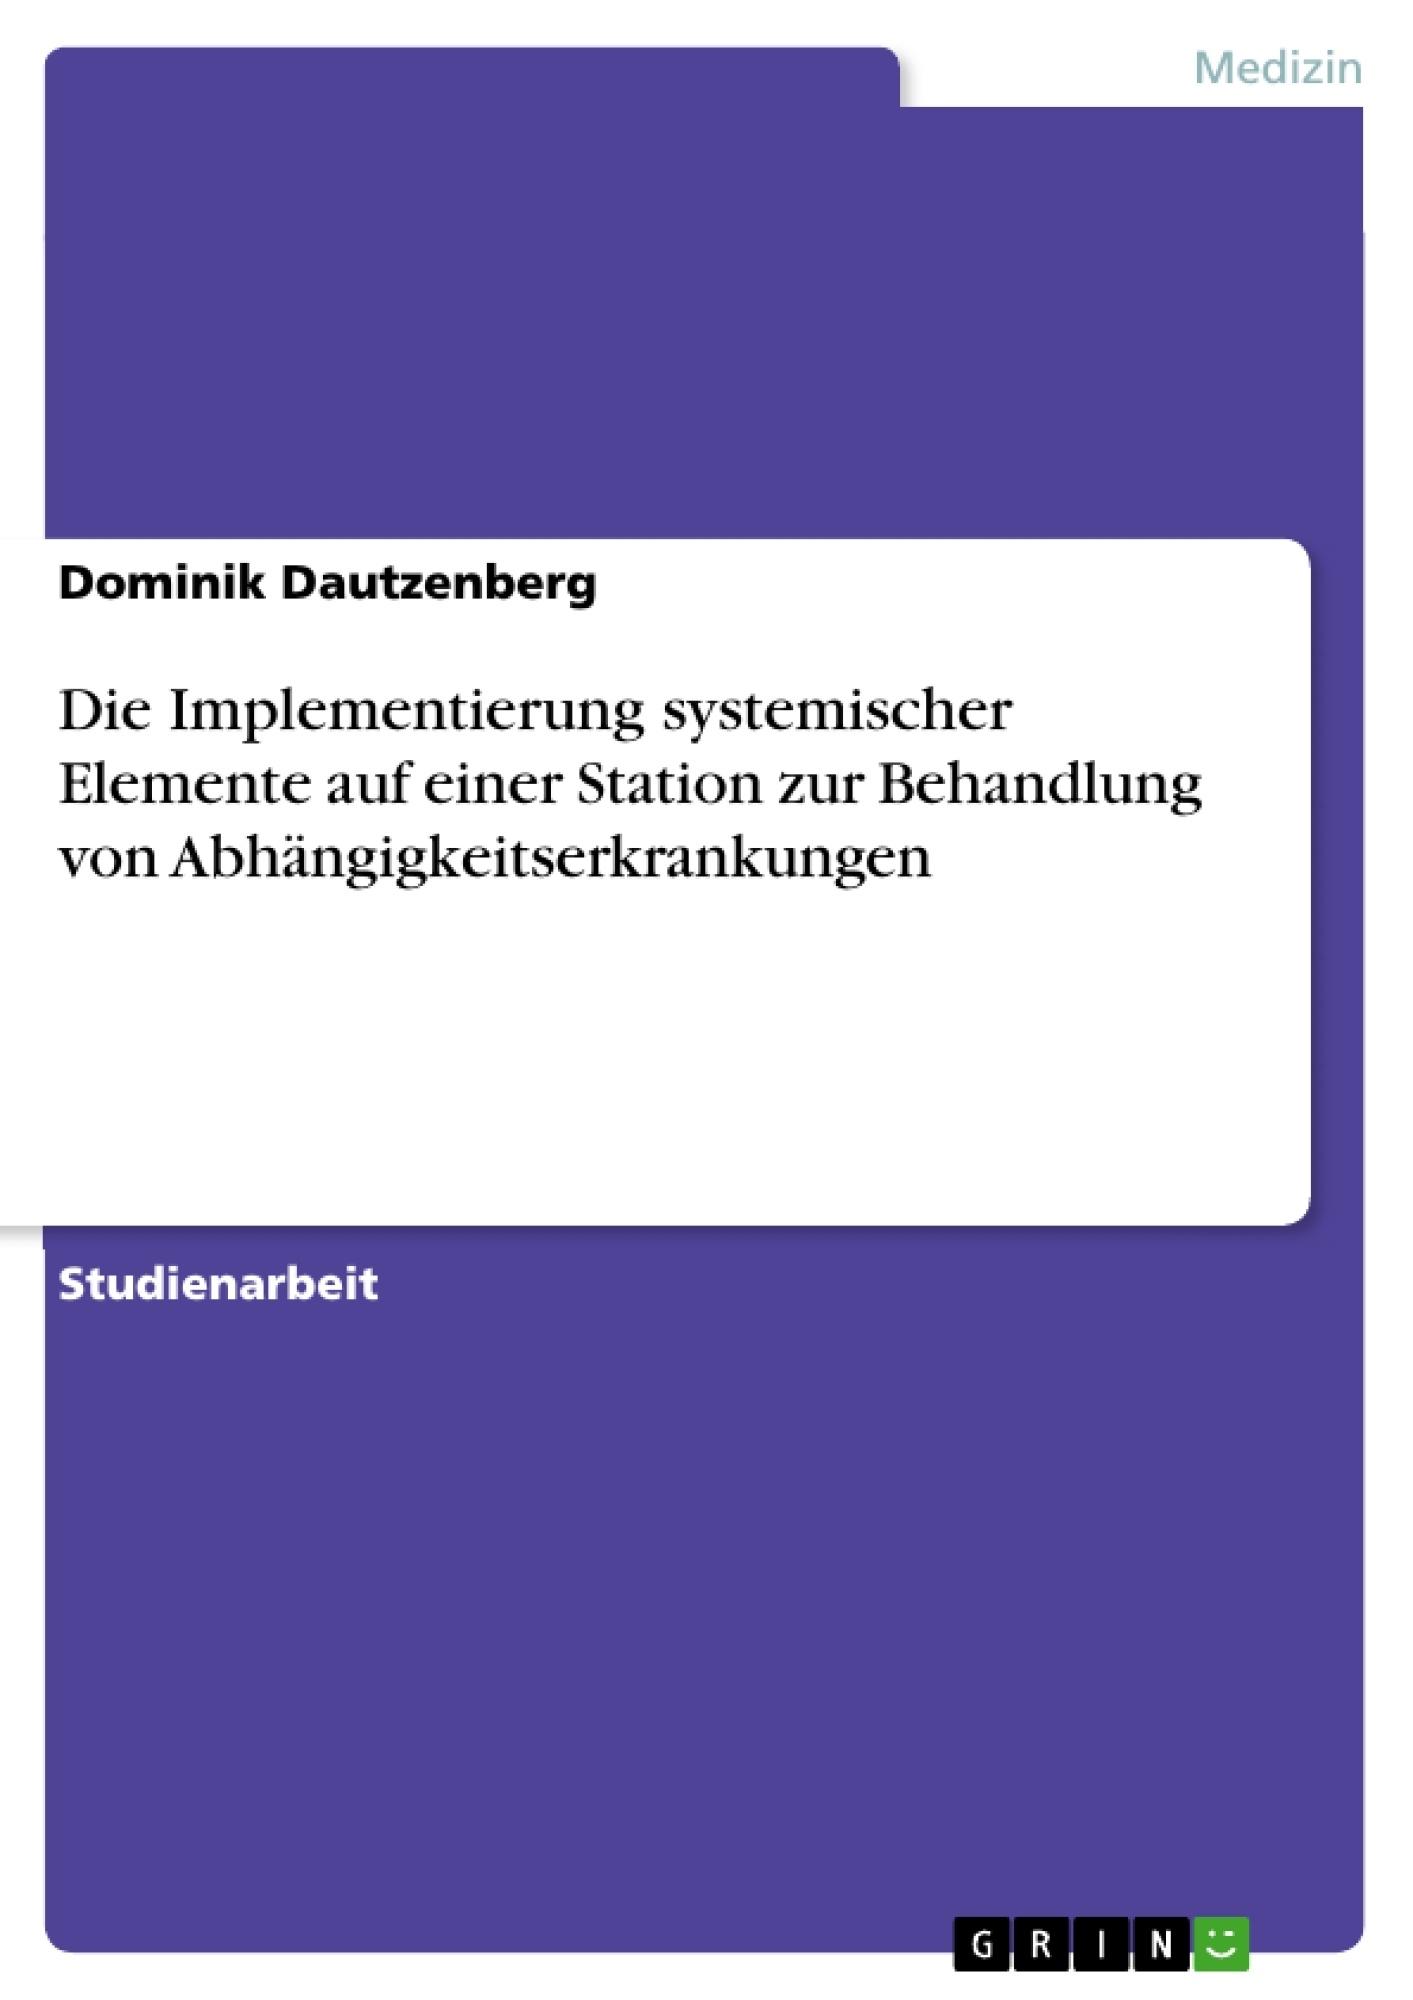 Titel: Die Implementierung systemischer Elemente auf einer Station zur Behandlung von Abhängigkeitserkrankungen